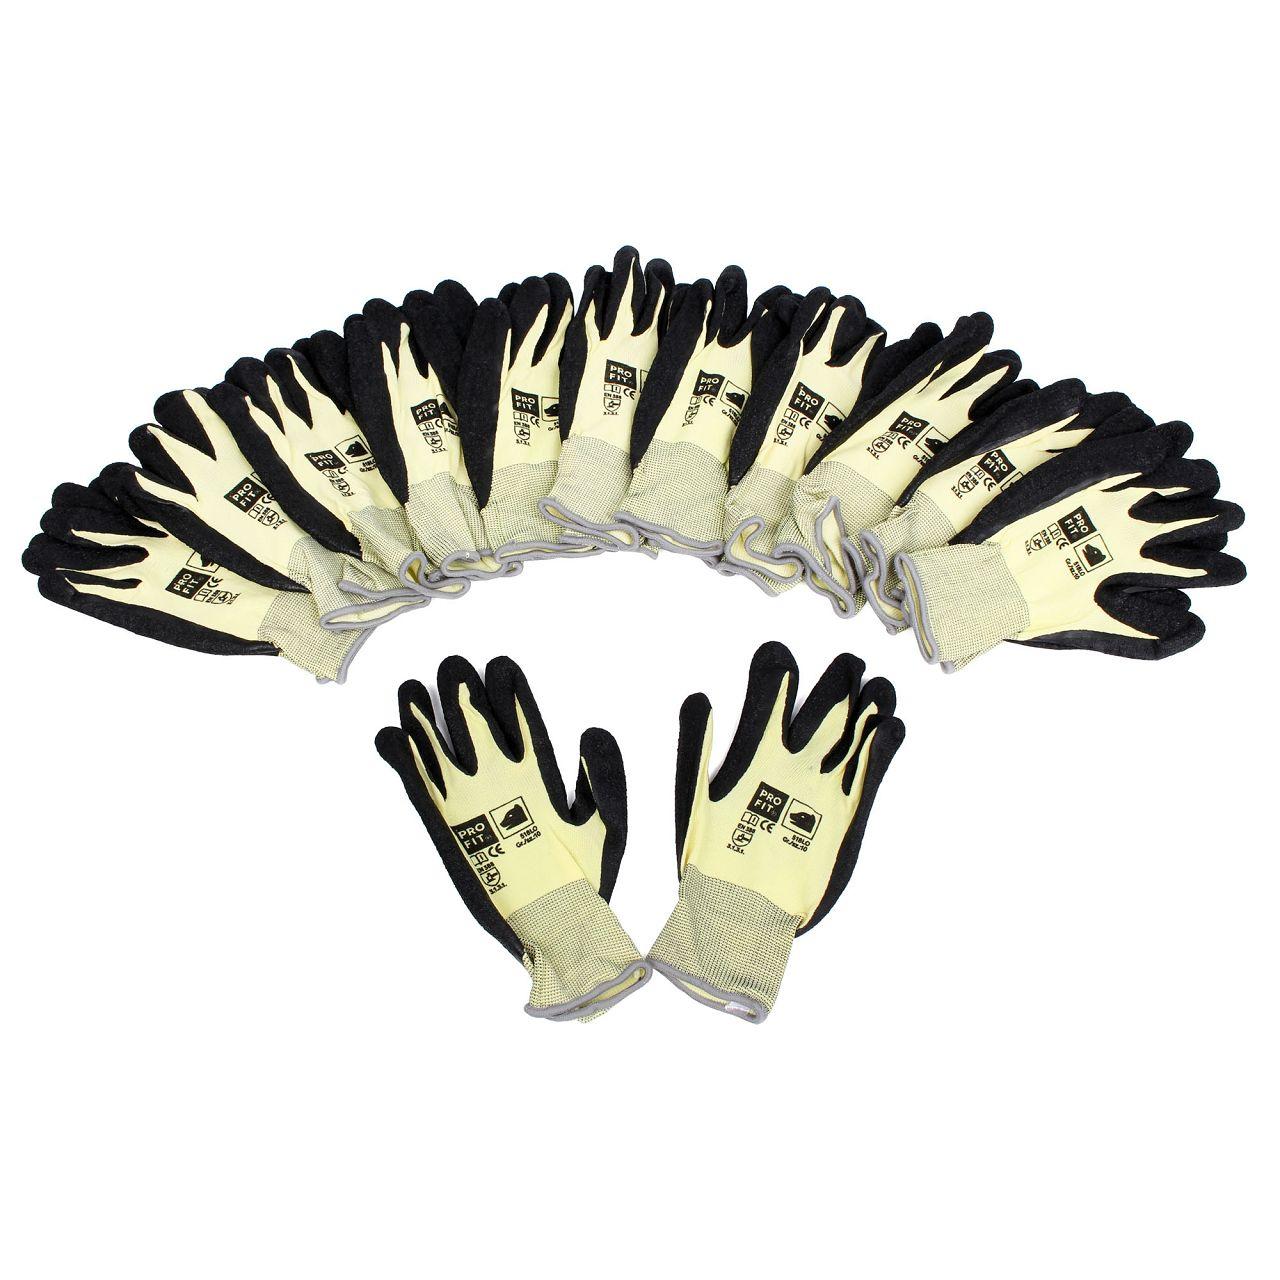 PRO-FIT 518LO Handschuhe Arbeitshandschuhe GELB SCHWARZ Größe 10 / XL (12 Paar)